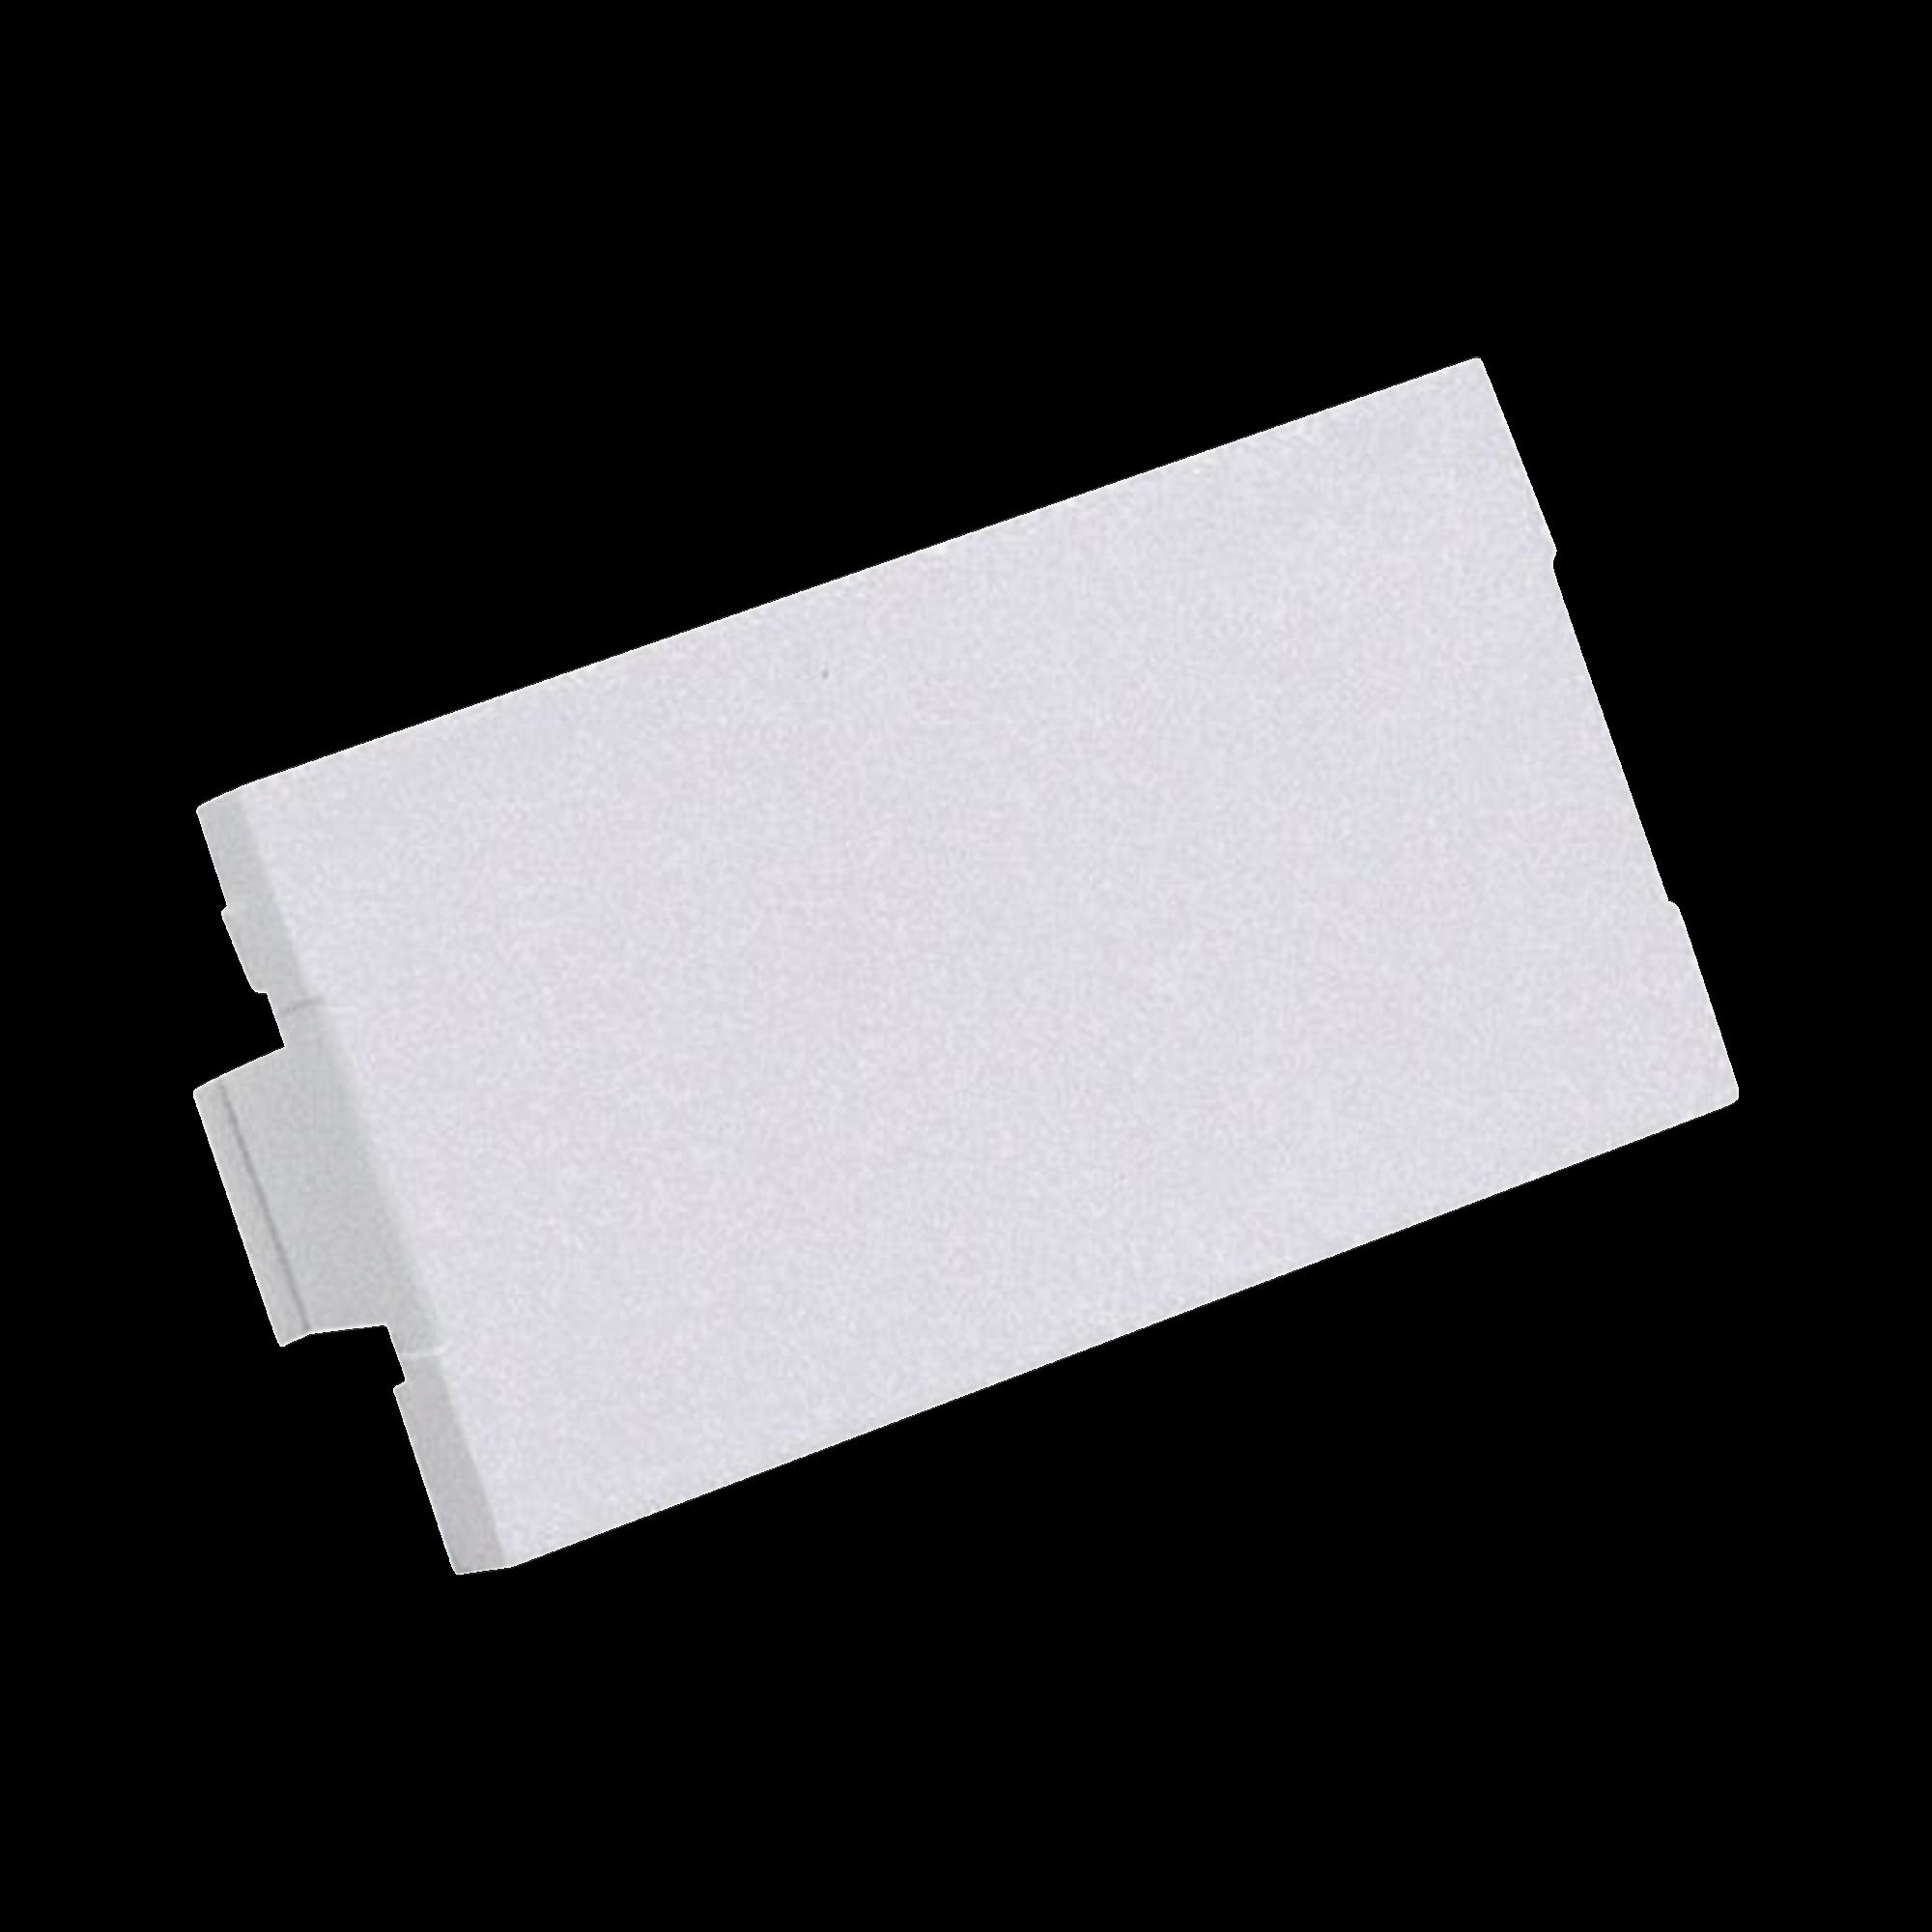 Módulo de tapa ciega (Inserto Ciego), de 1/3, Color Blanco Mate